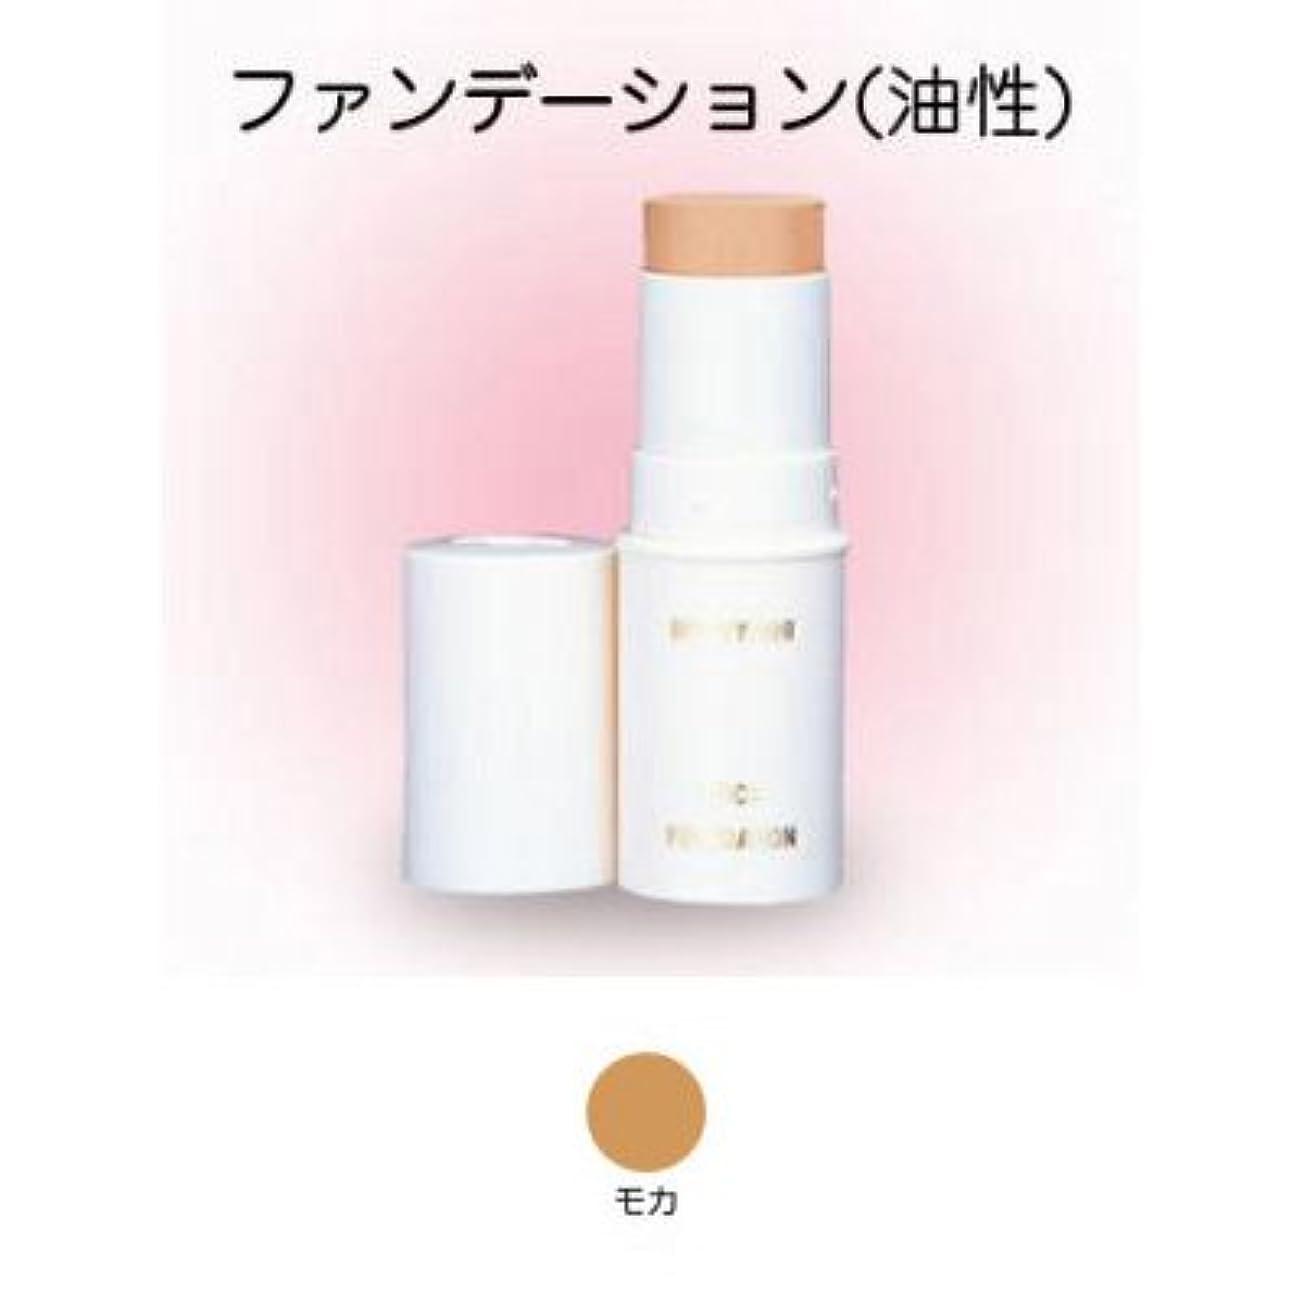 散歩ポテト安心スティックファンデーション 16g モカ 【三善】